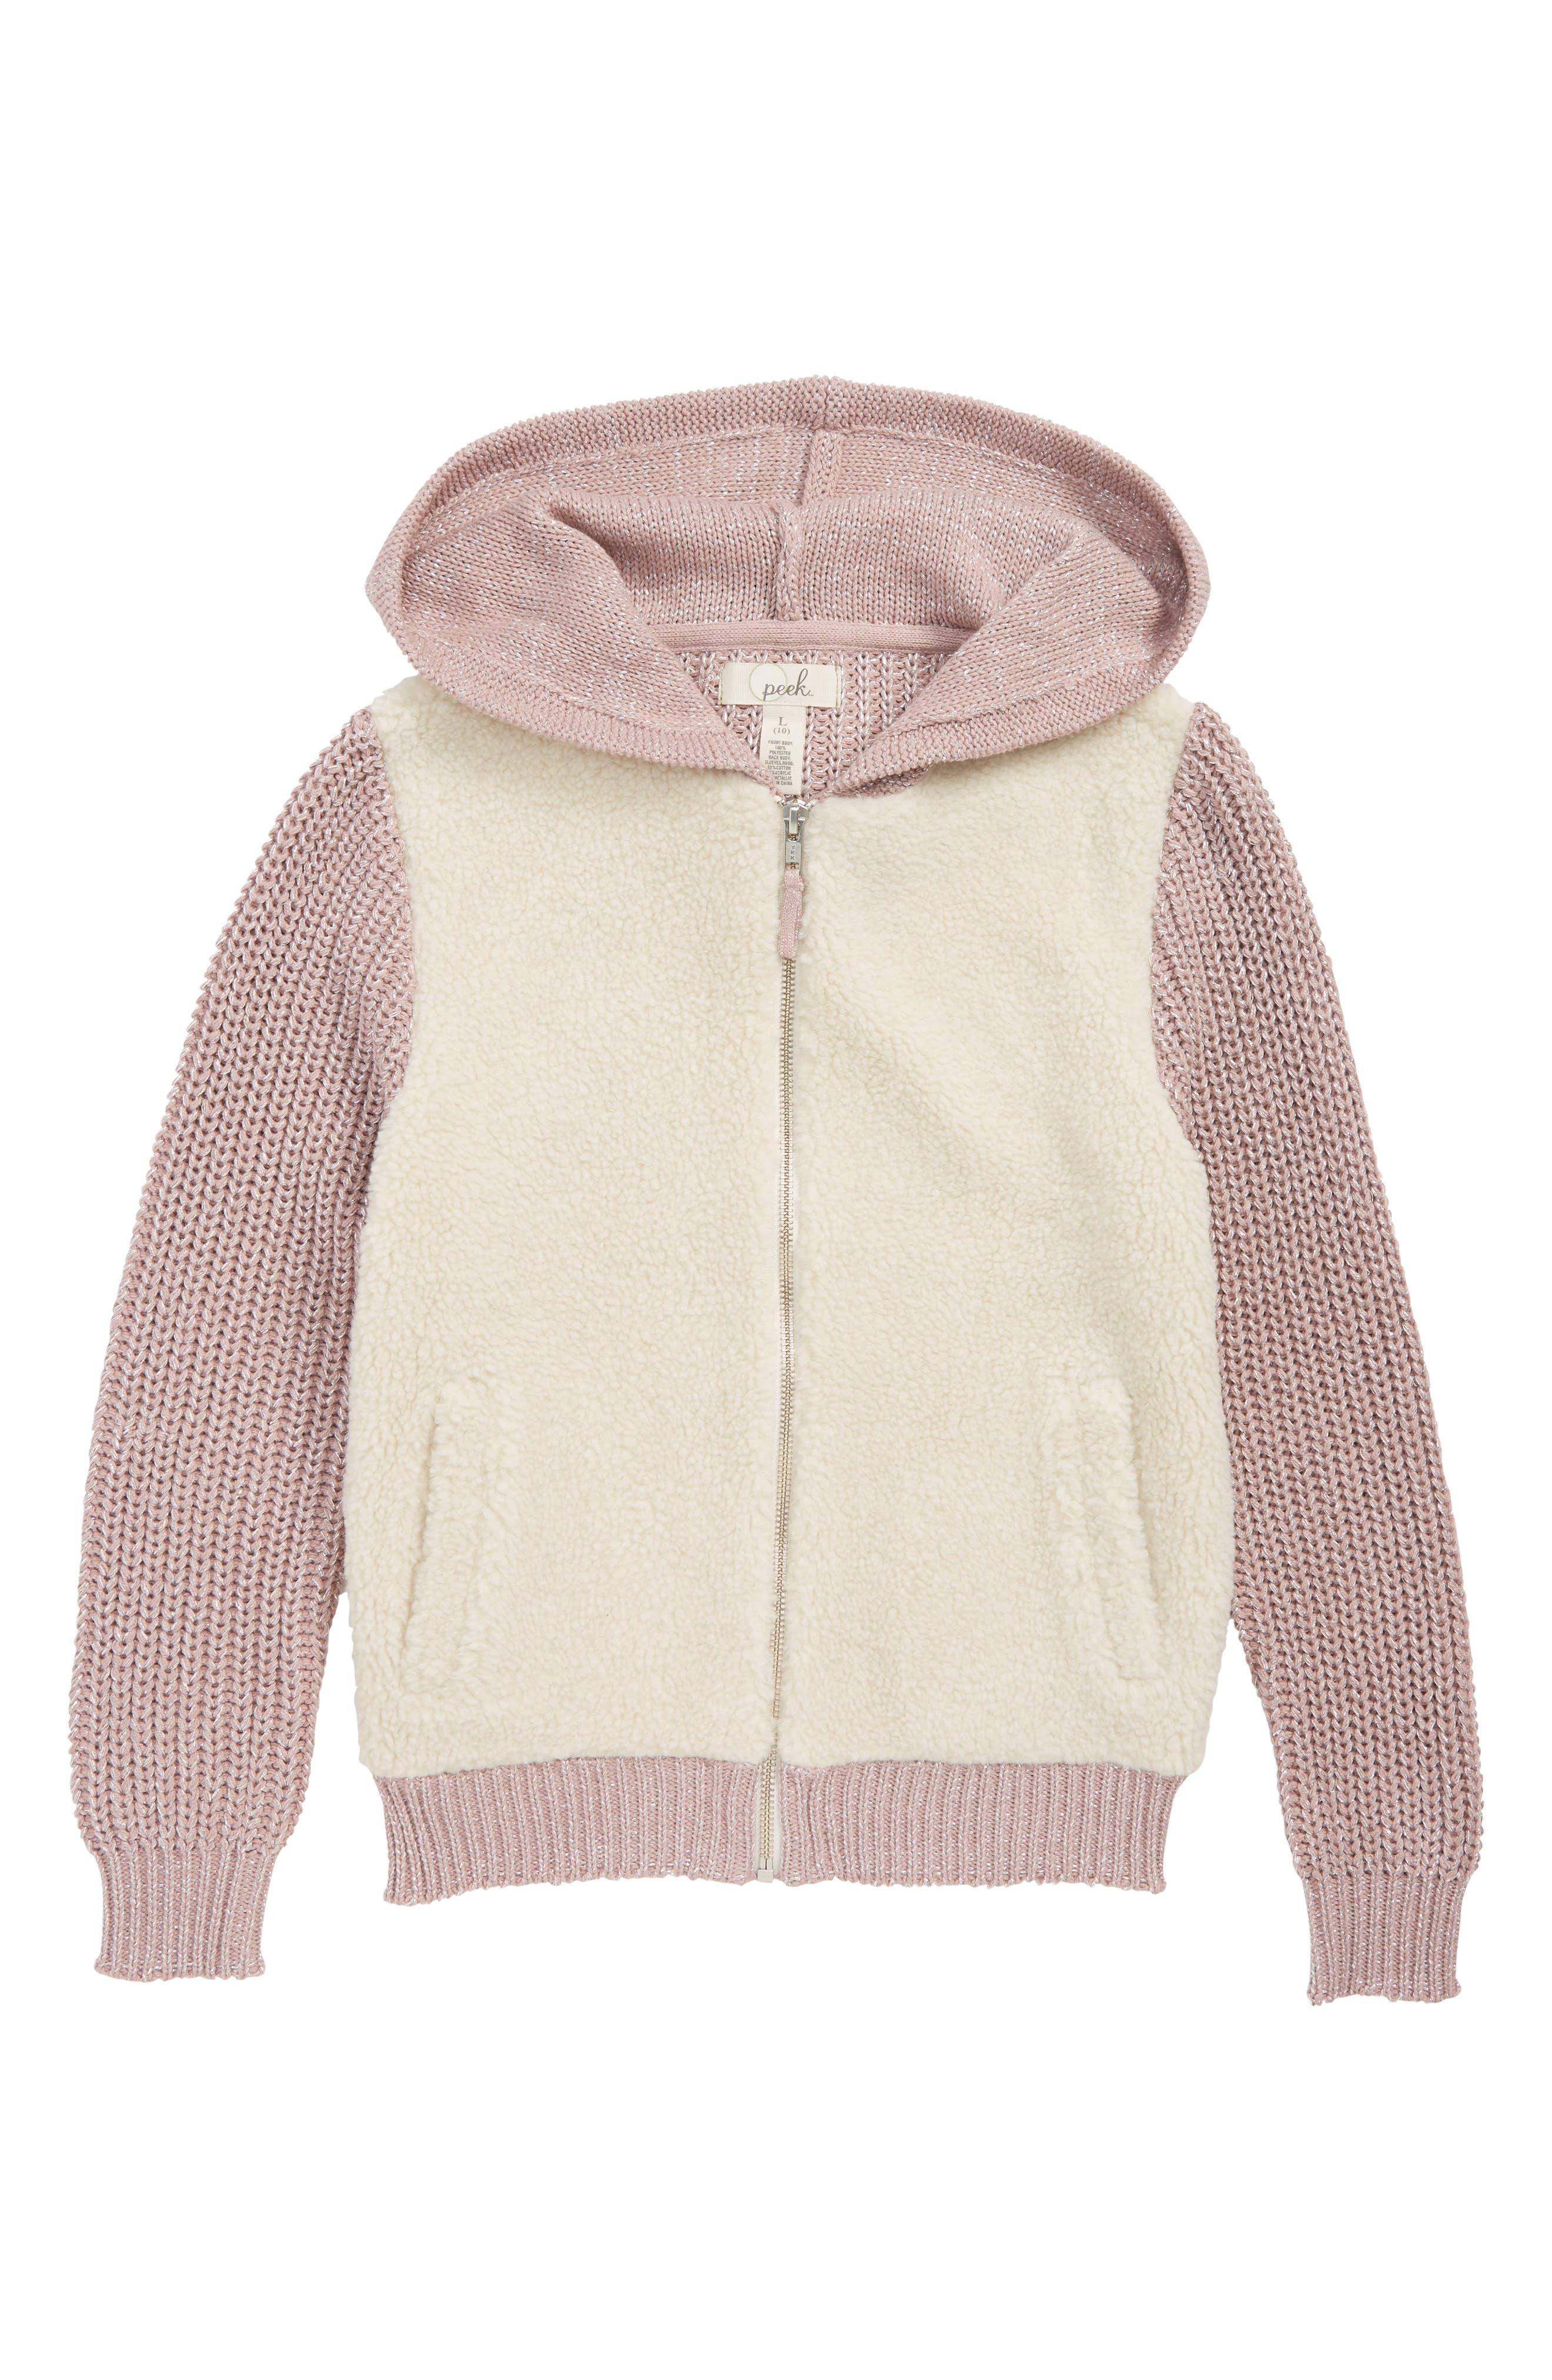 Ivy Jacket,                         Main,                         color, ROSE PINK